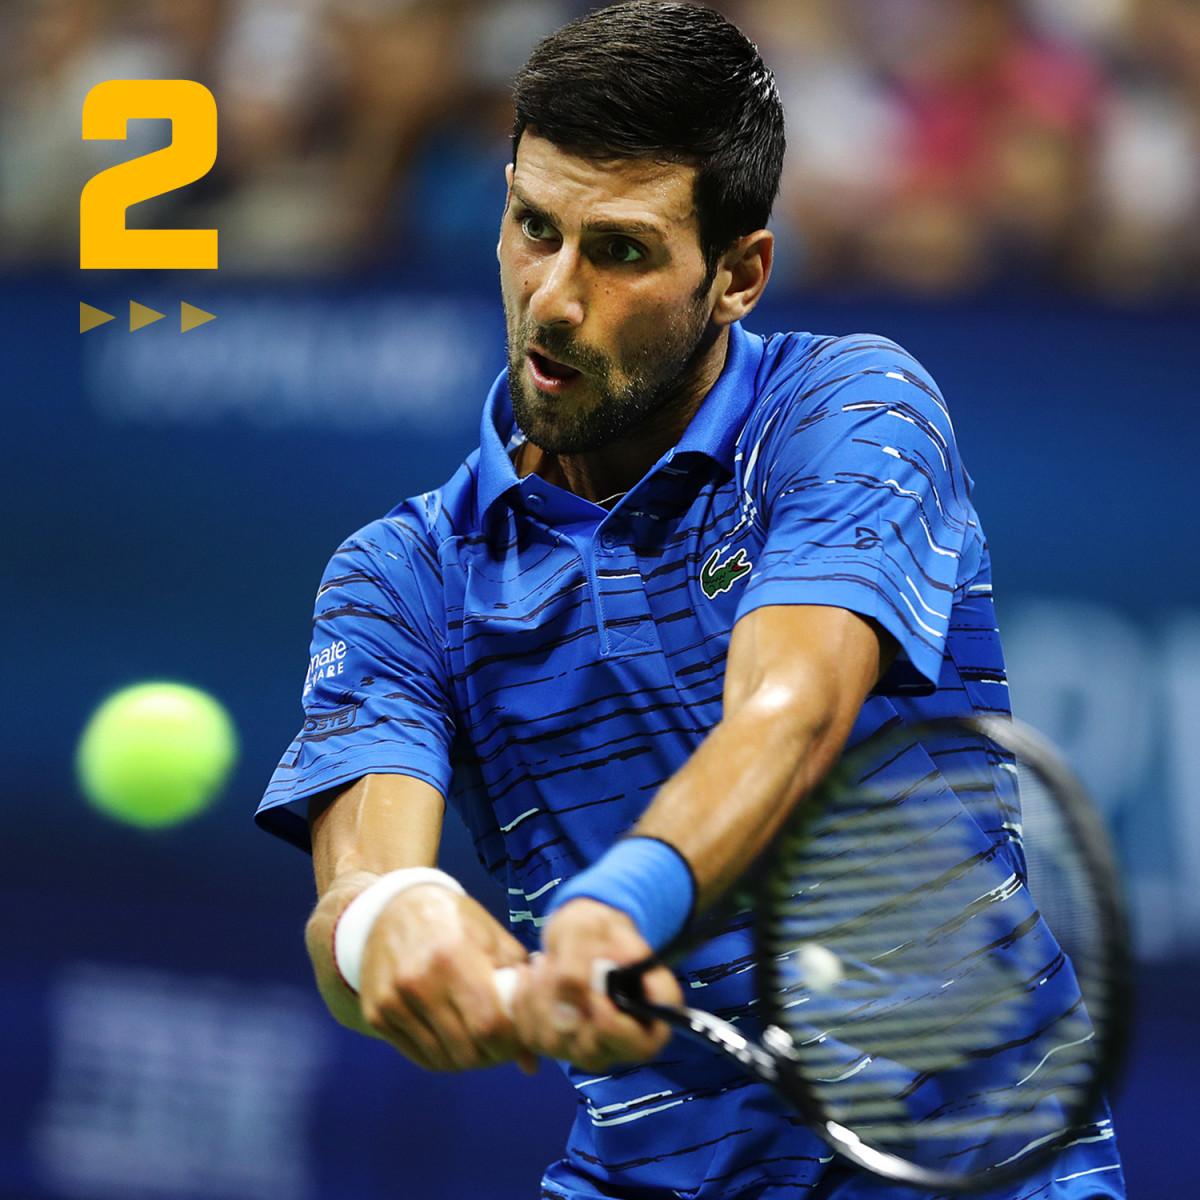 Novak_Djokovic_04_GRAPHIC_M2